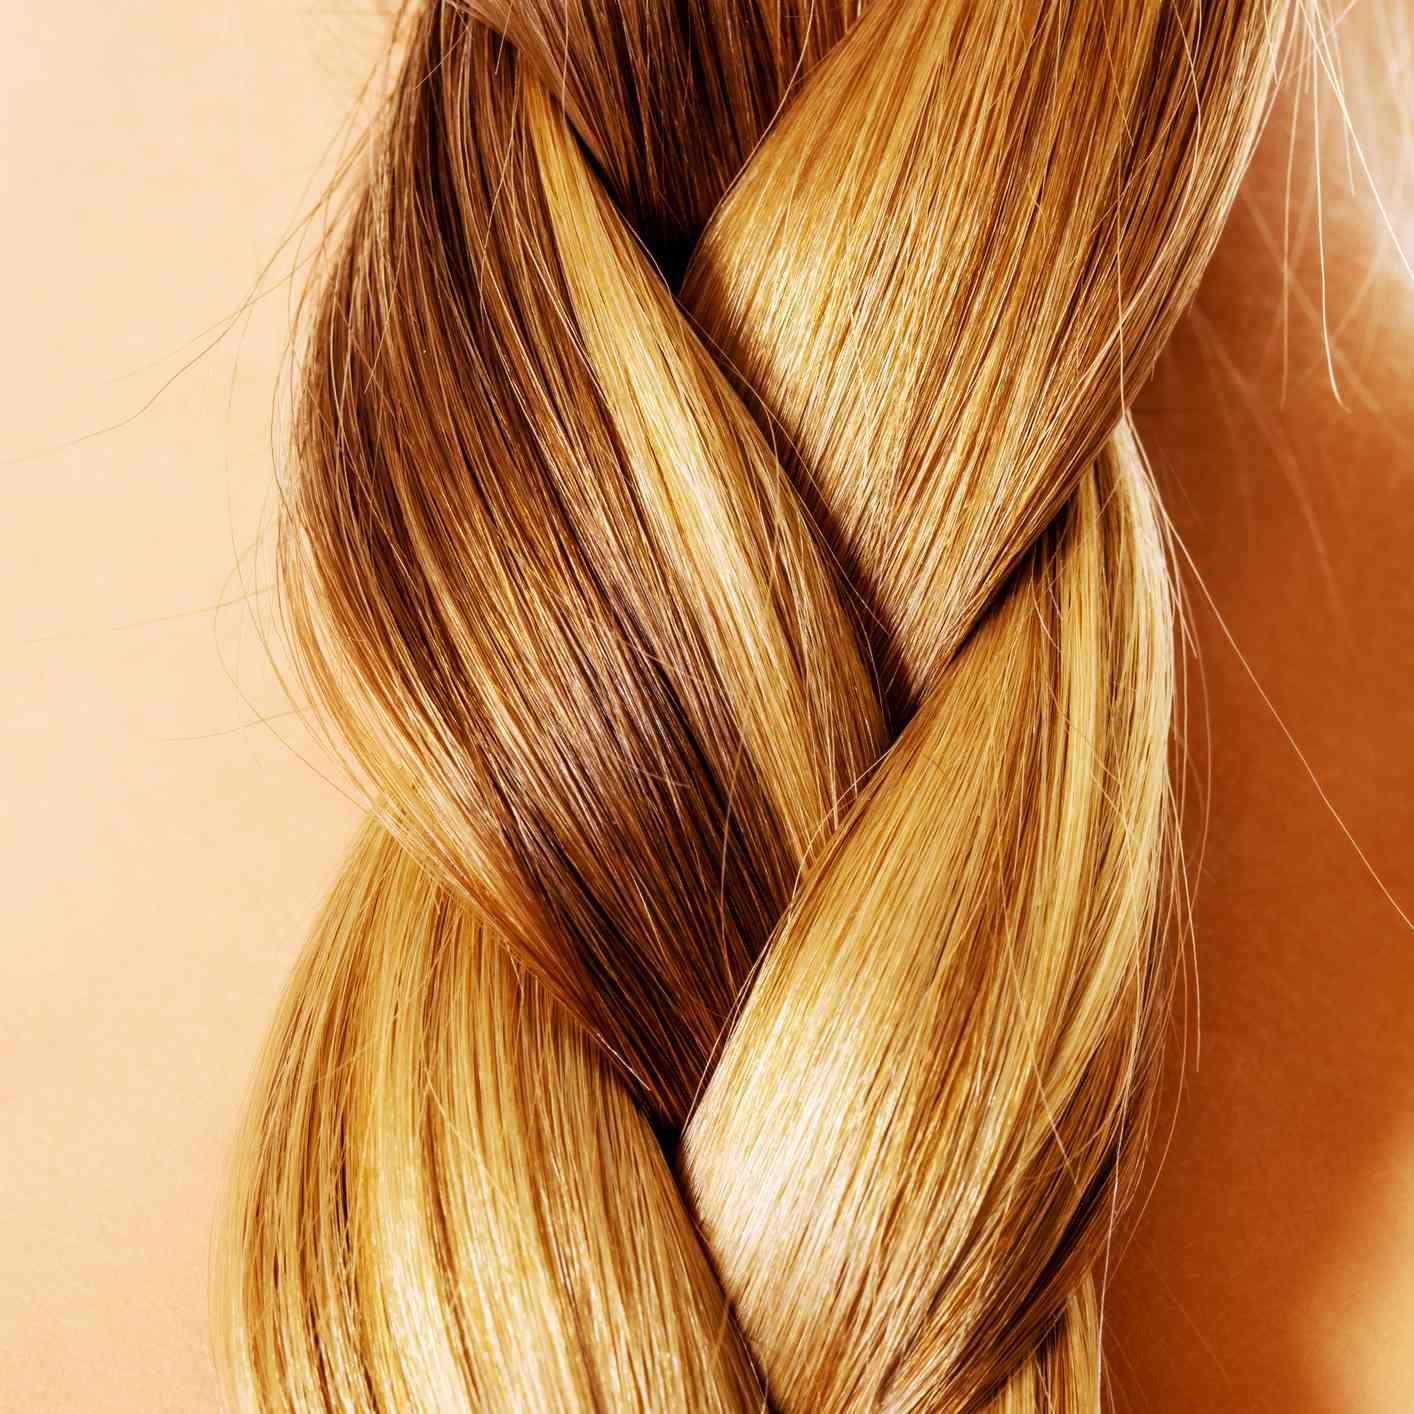 closeup of blonde braided hair